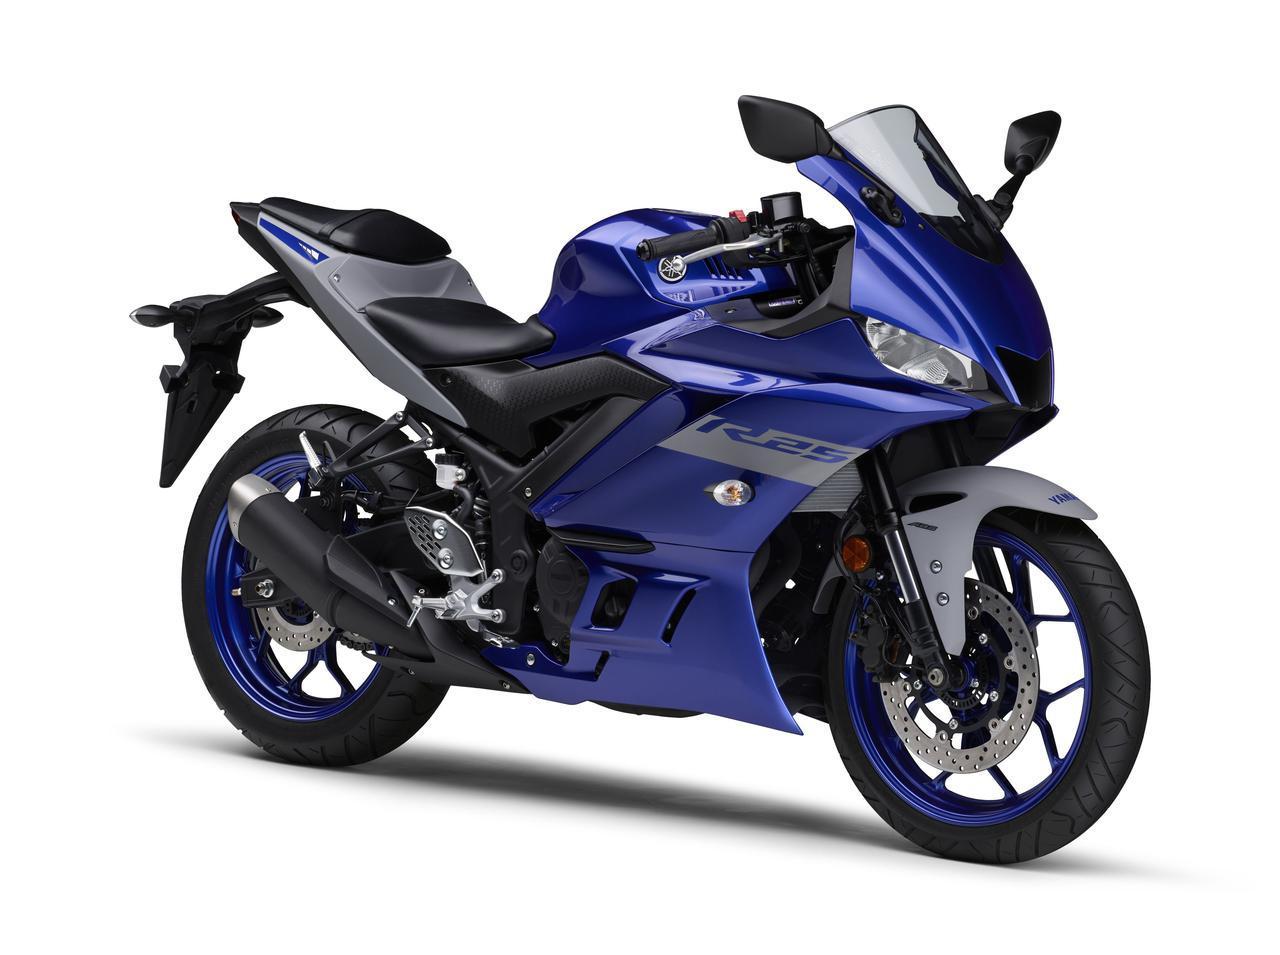 画像30: ヤマハが「YZF-R25」「YZF-R3」の2021年モデルを発売! トレンド色のシアンを初採用